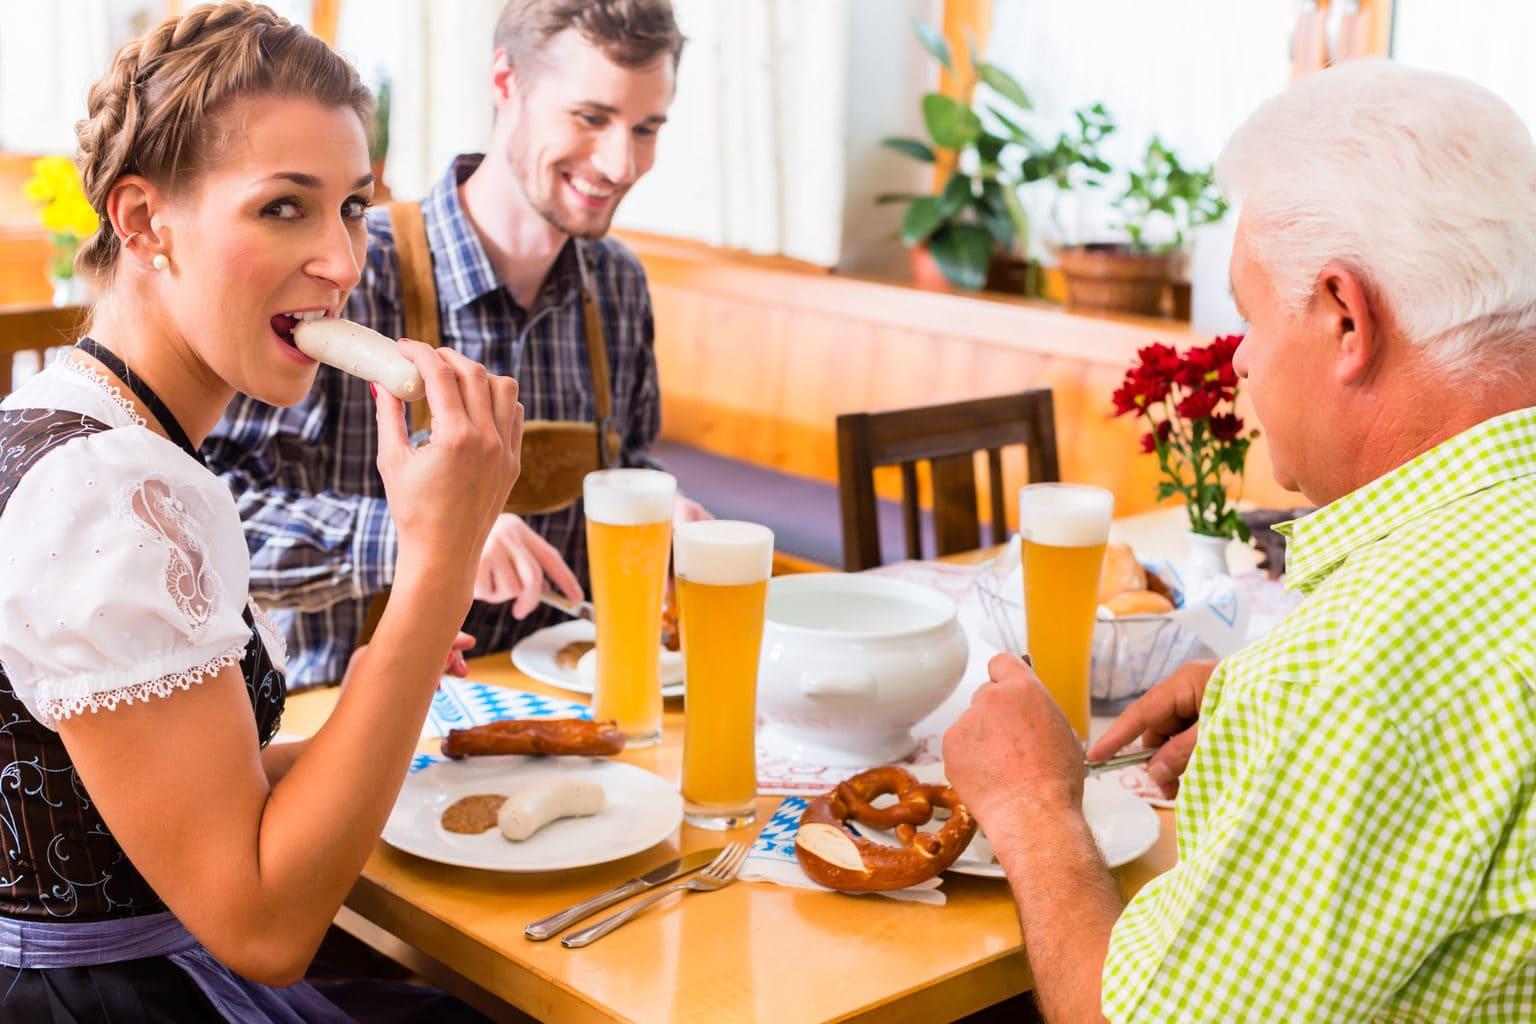 Drie mensen in volksdracht genieten van Weißwurst, Weizenbier, Brezel en mosterd